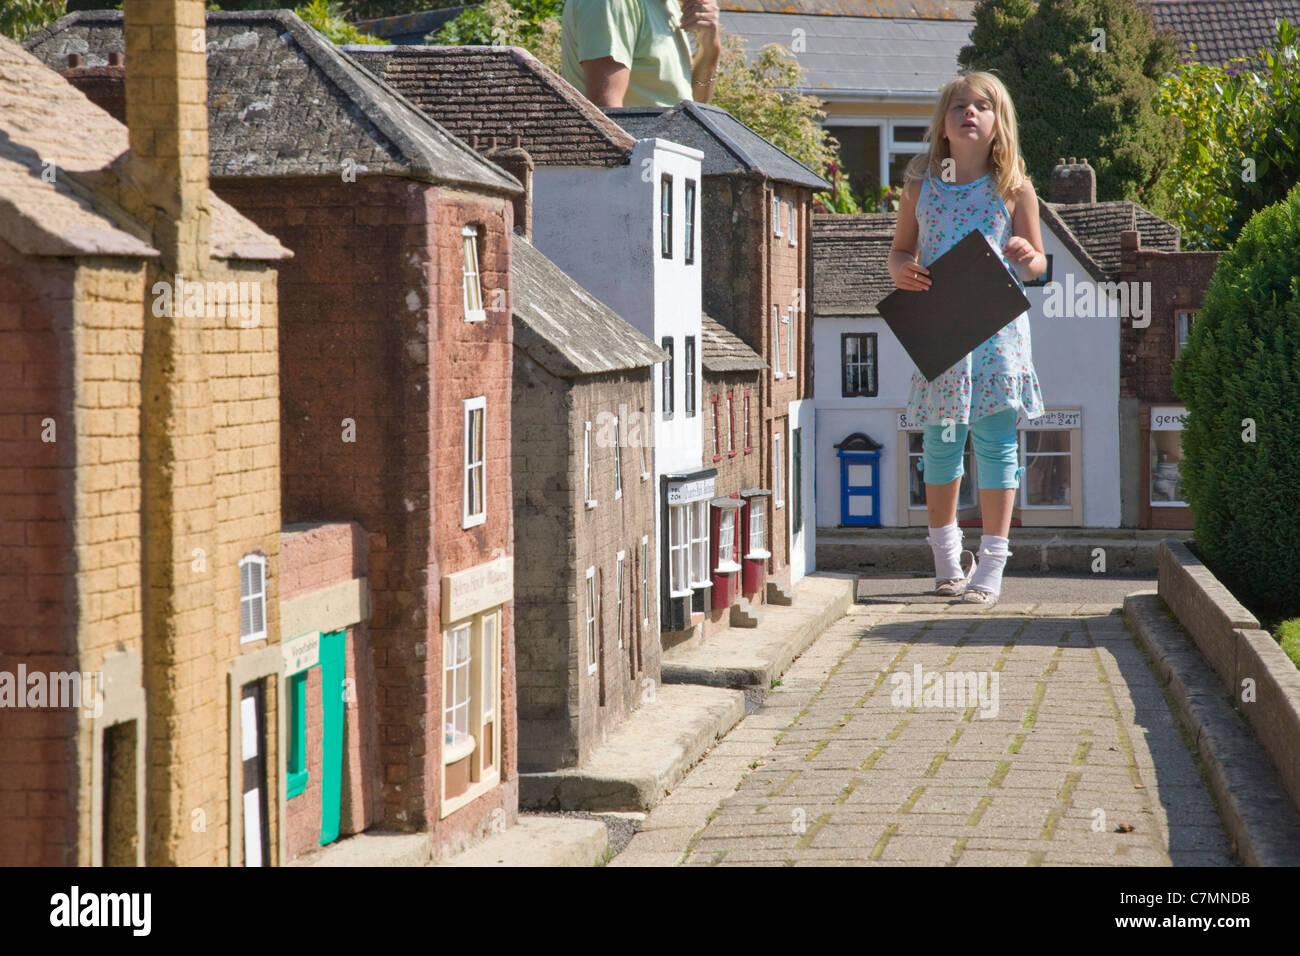 Model village, Wimborne Minster, Dorset - Stock Image